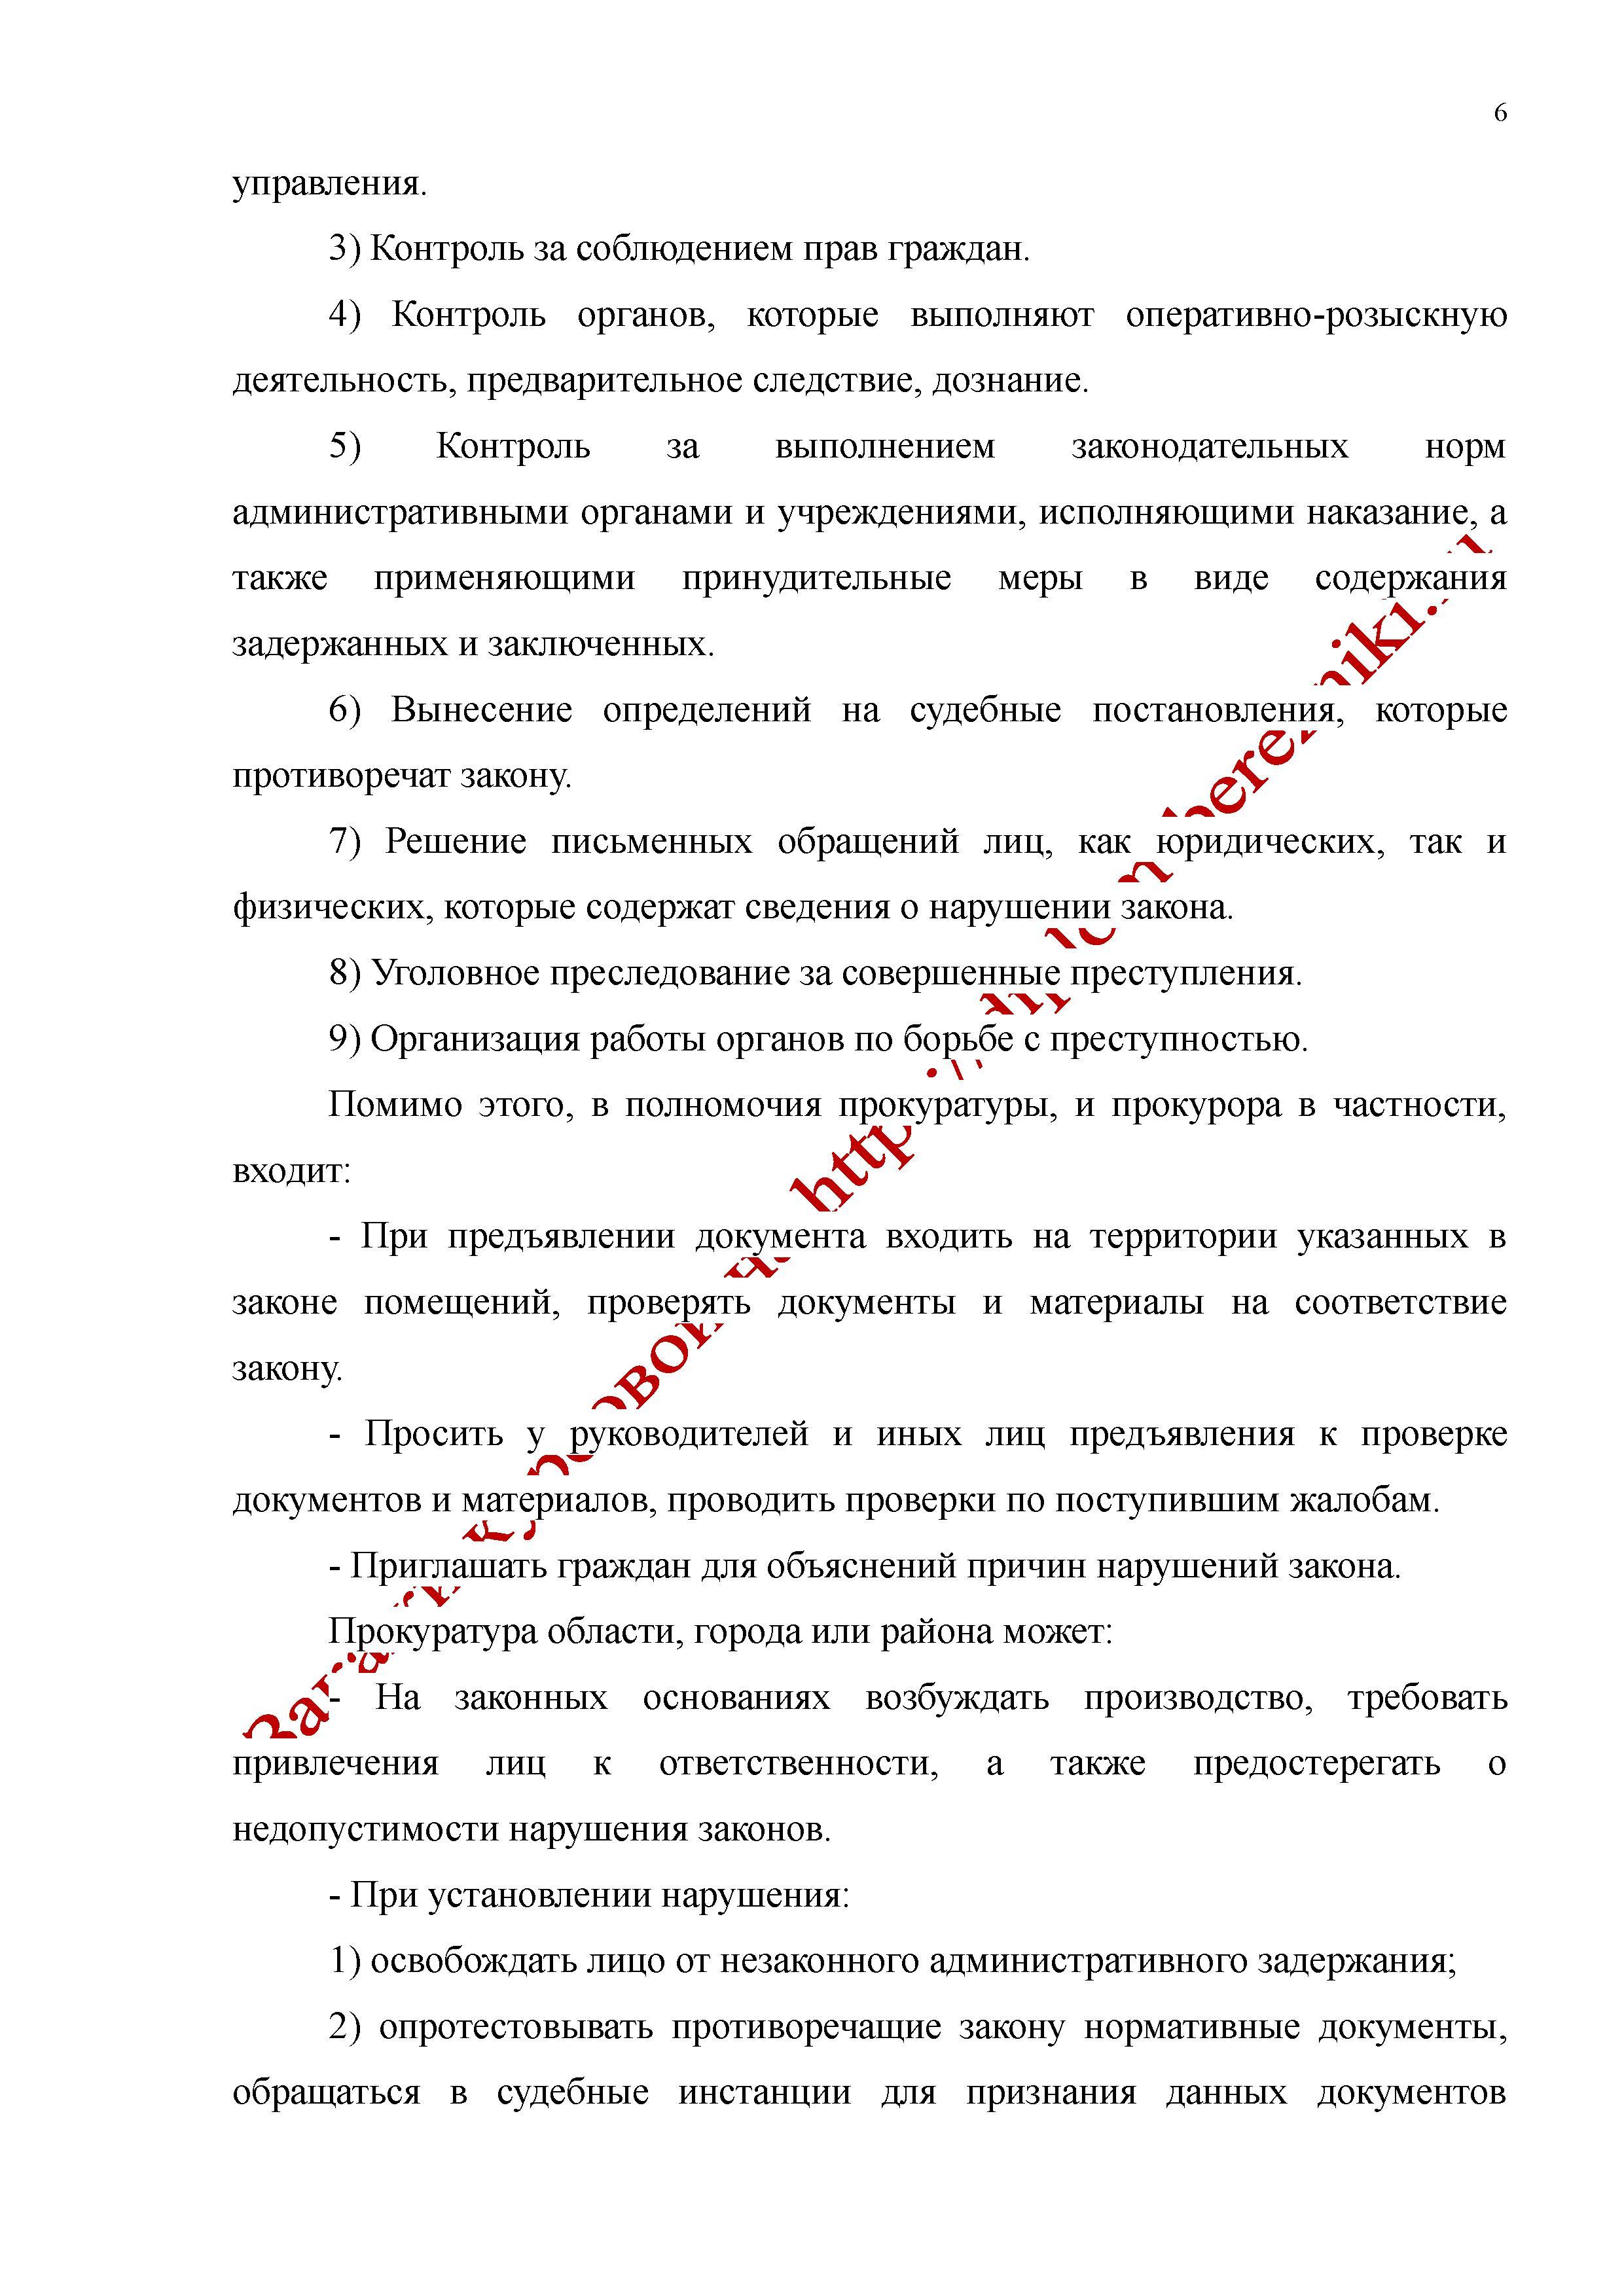 Цели, задачи и принципы деятельности прокуратуры Российской Федерации